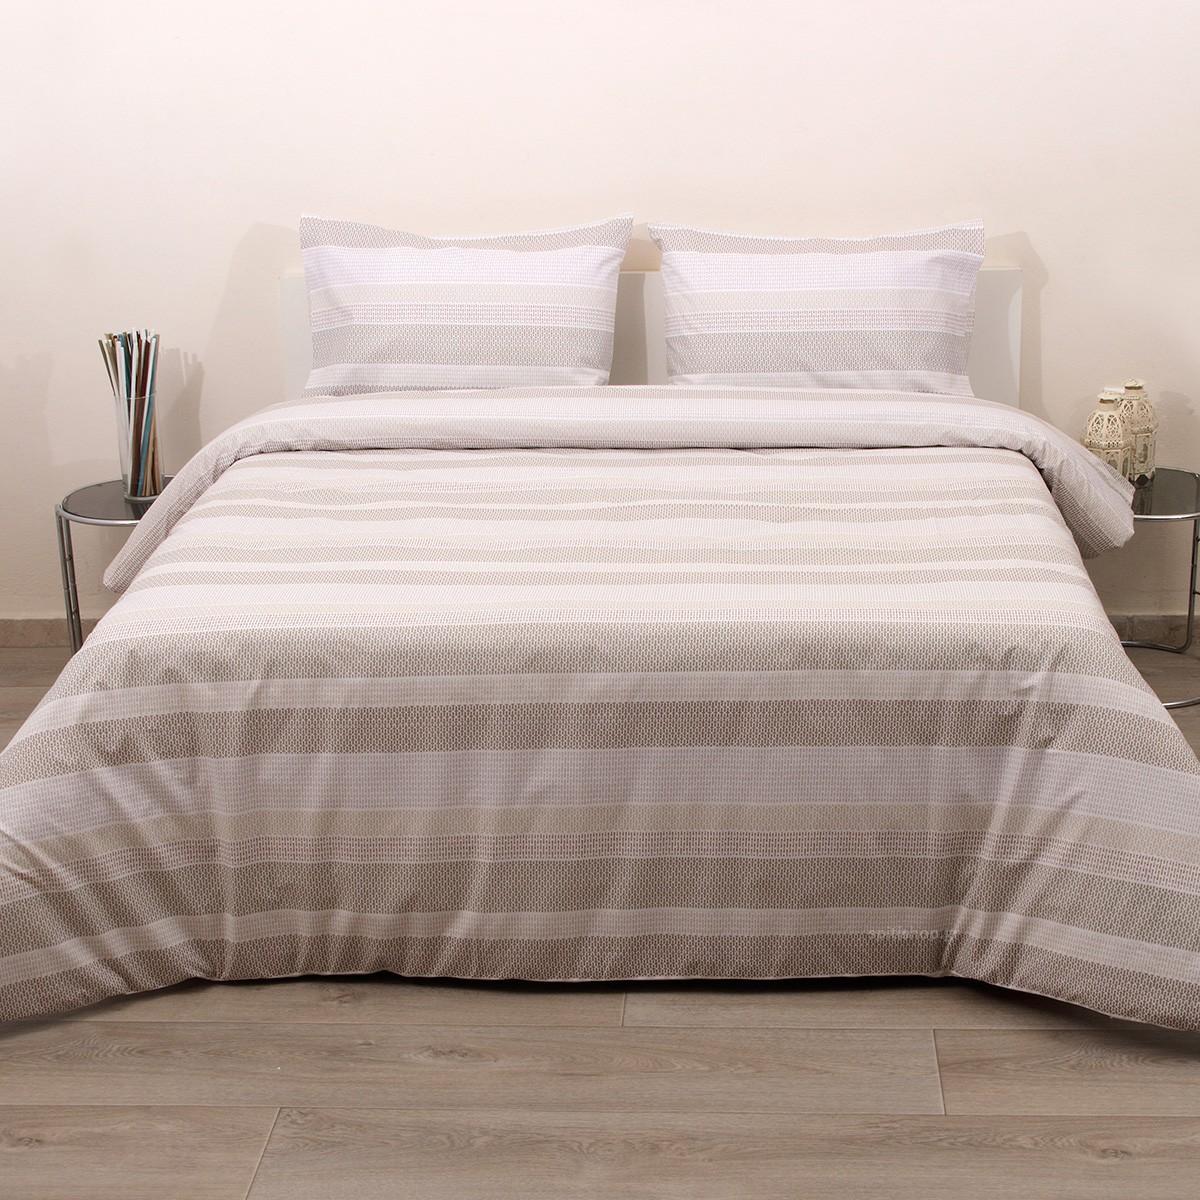 Πάπλωμα Ημίδιπλο (Σετ) Viopros Fresh Λέονορ Λινό home   κρεβατοκάμαρα   παπλώματα   παπλώματα ημίδιπλα   διπλά